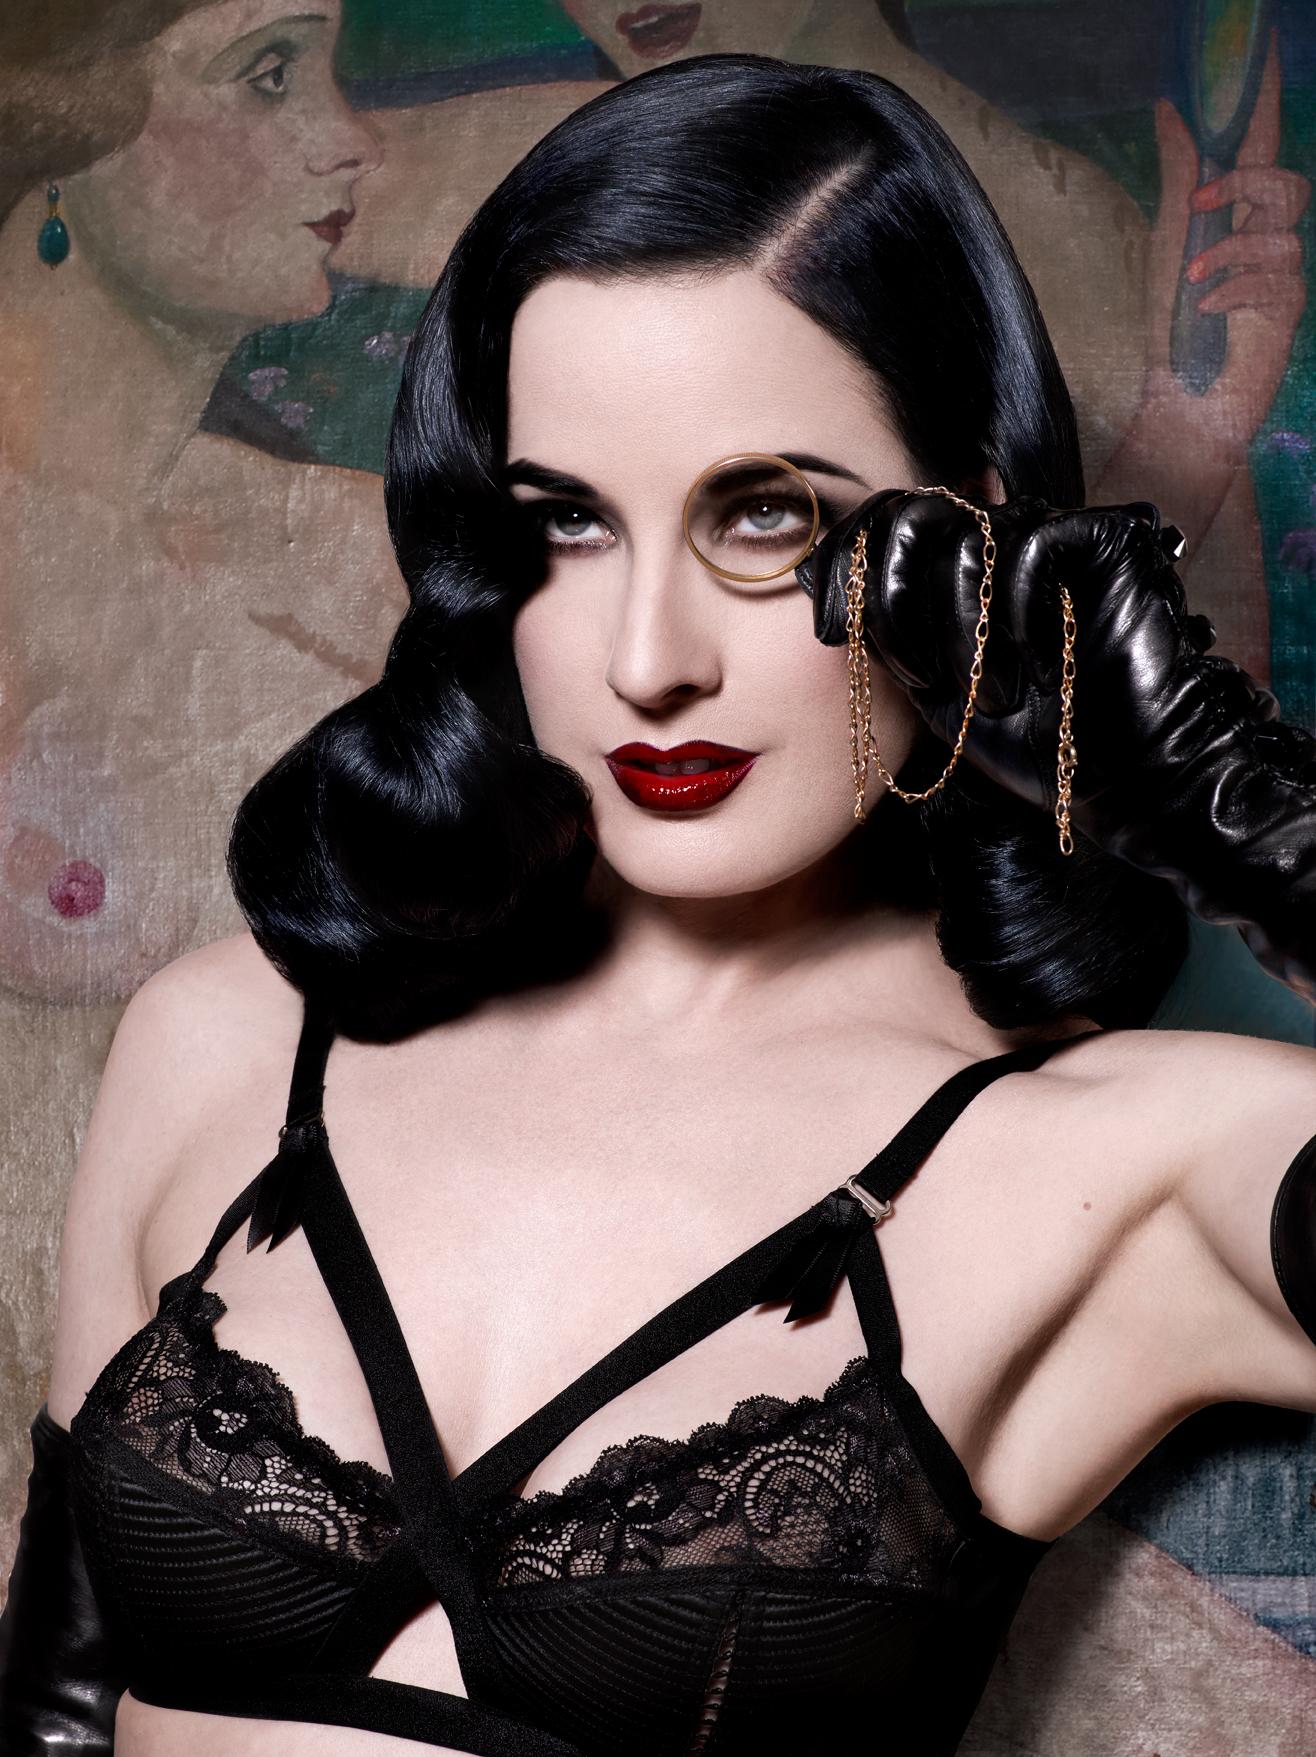 dita von teese lingerie dita von teese models the mad x bra. mtsdngn